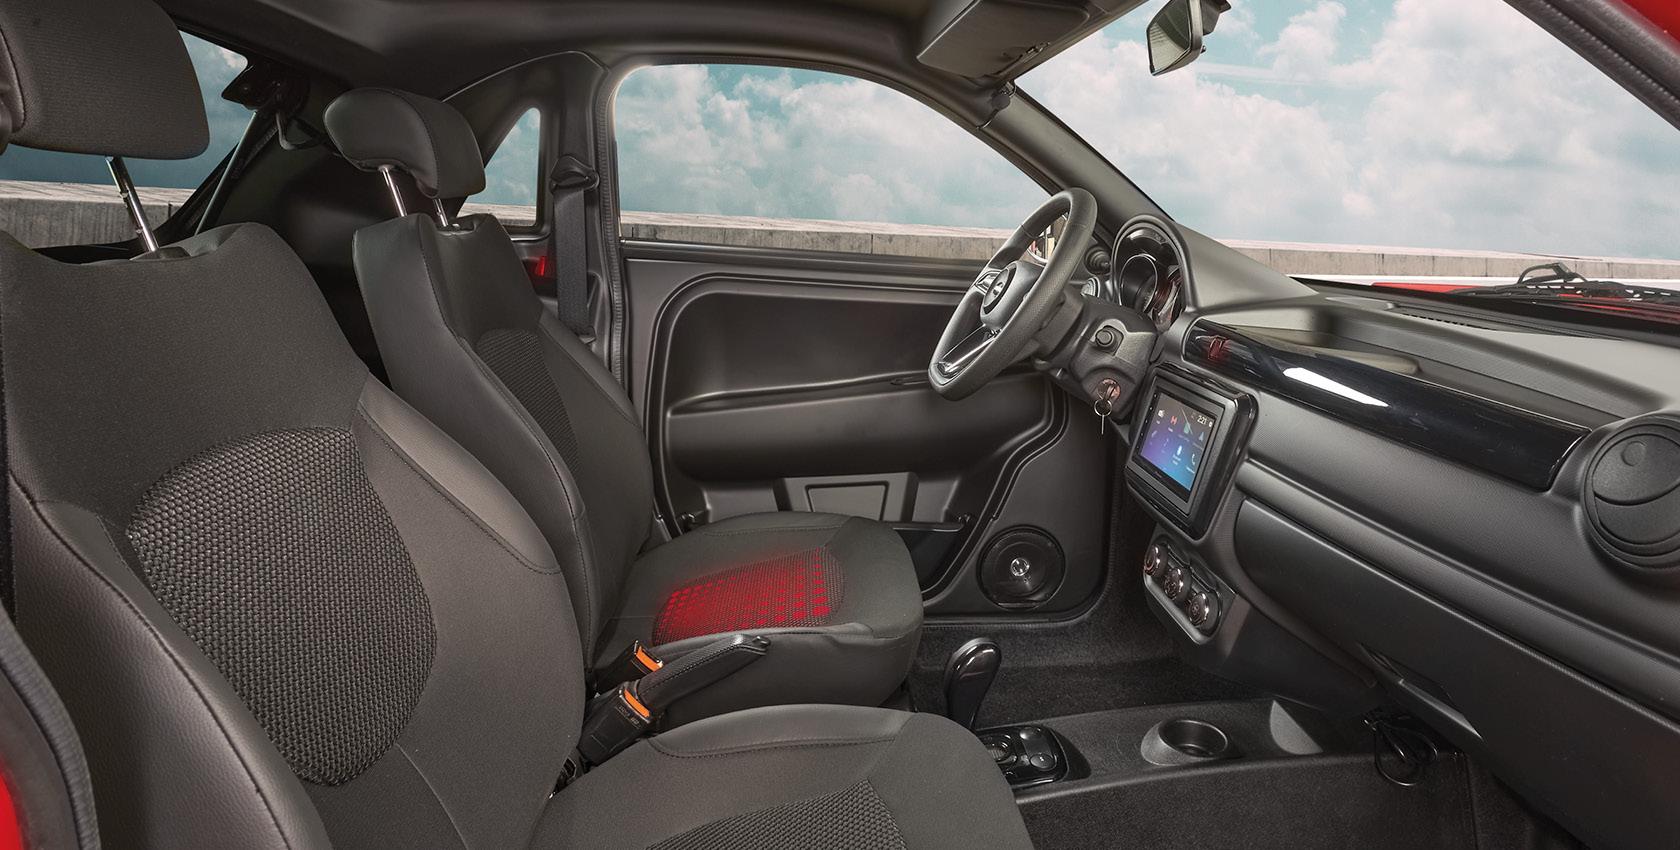 Exclusivité Microcar : siège chauffant